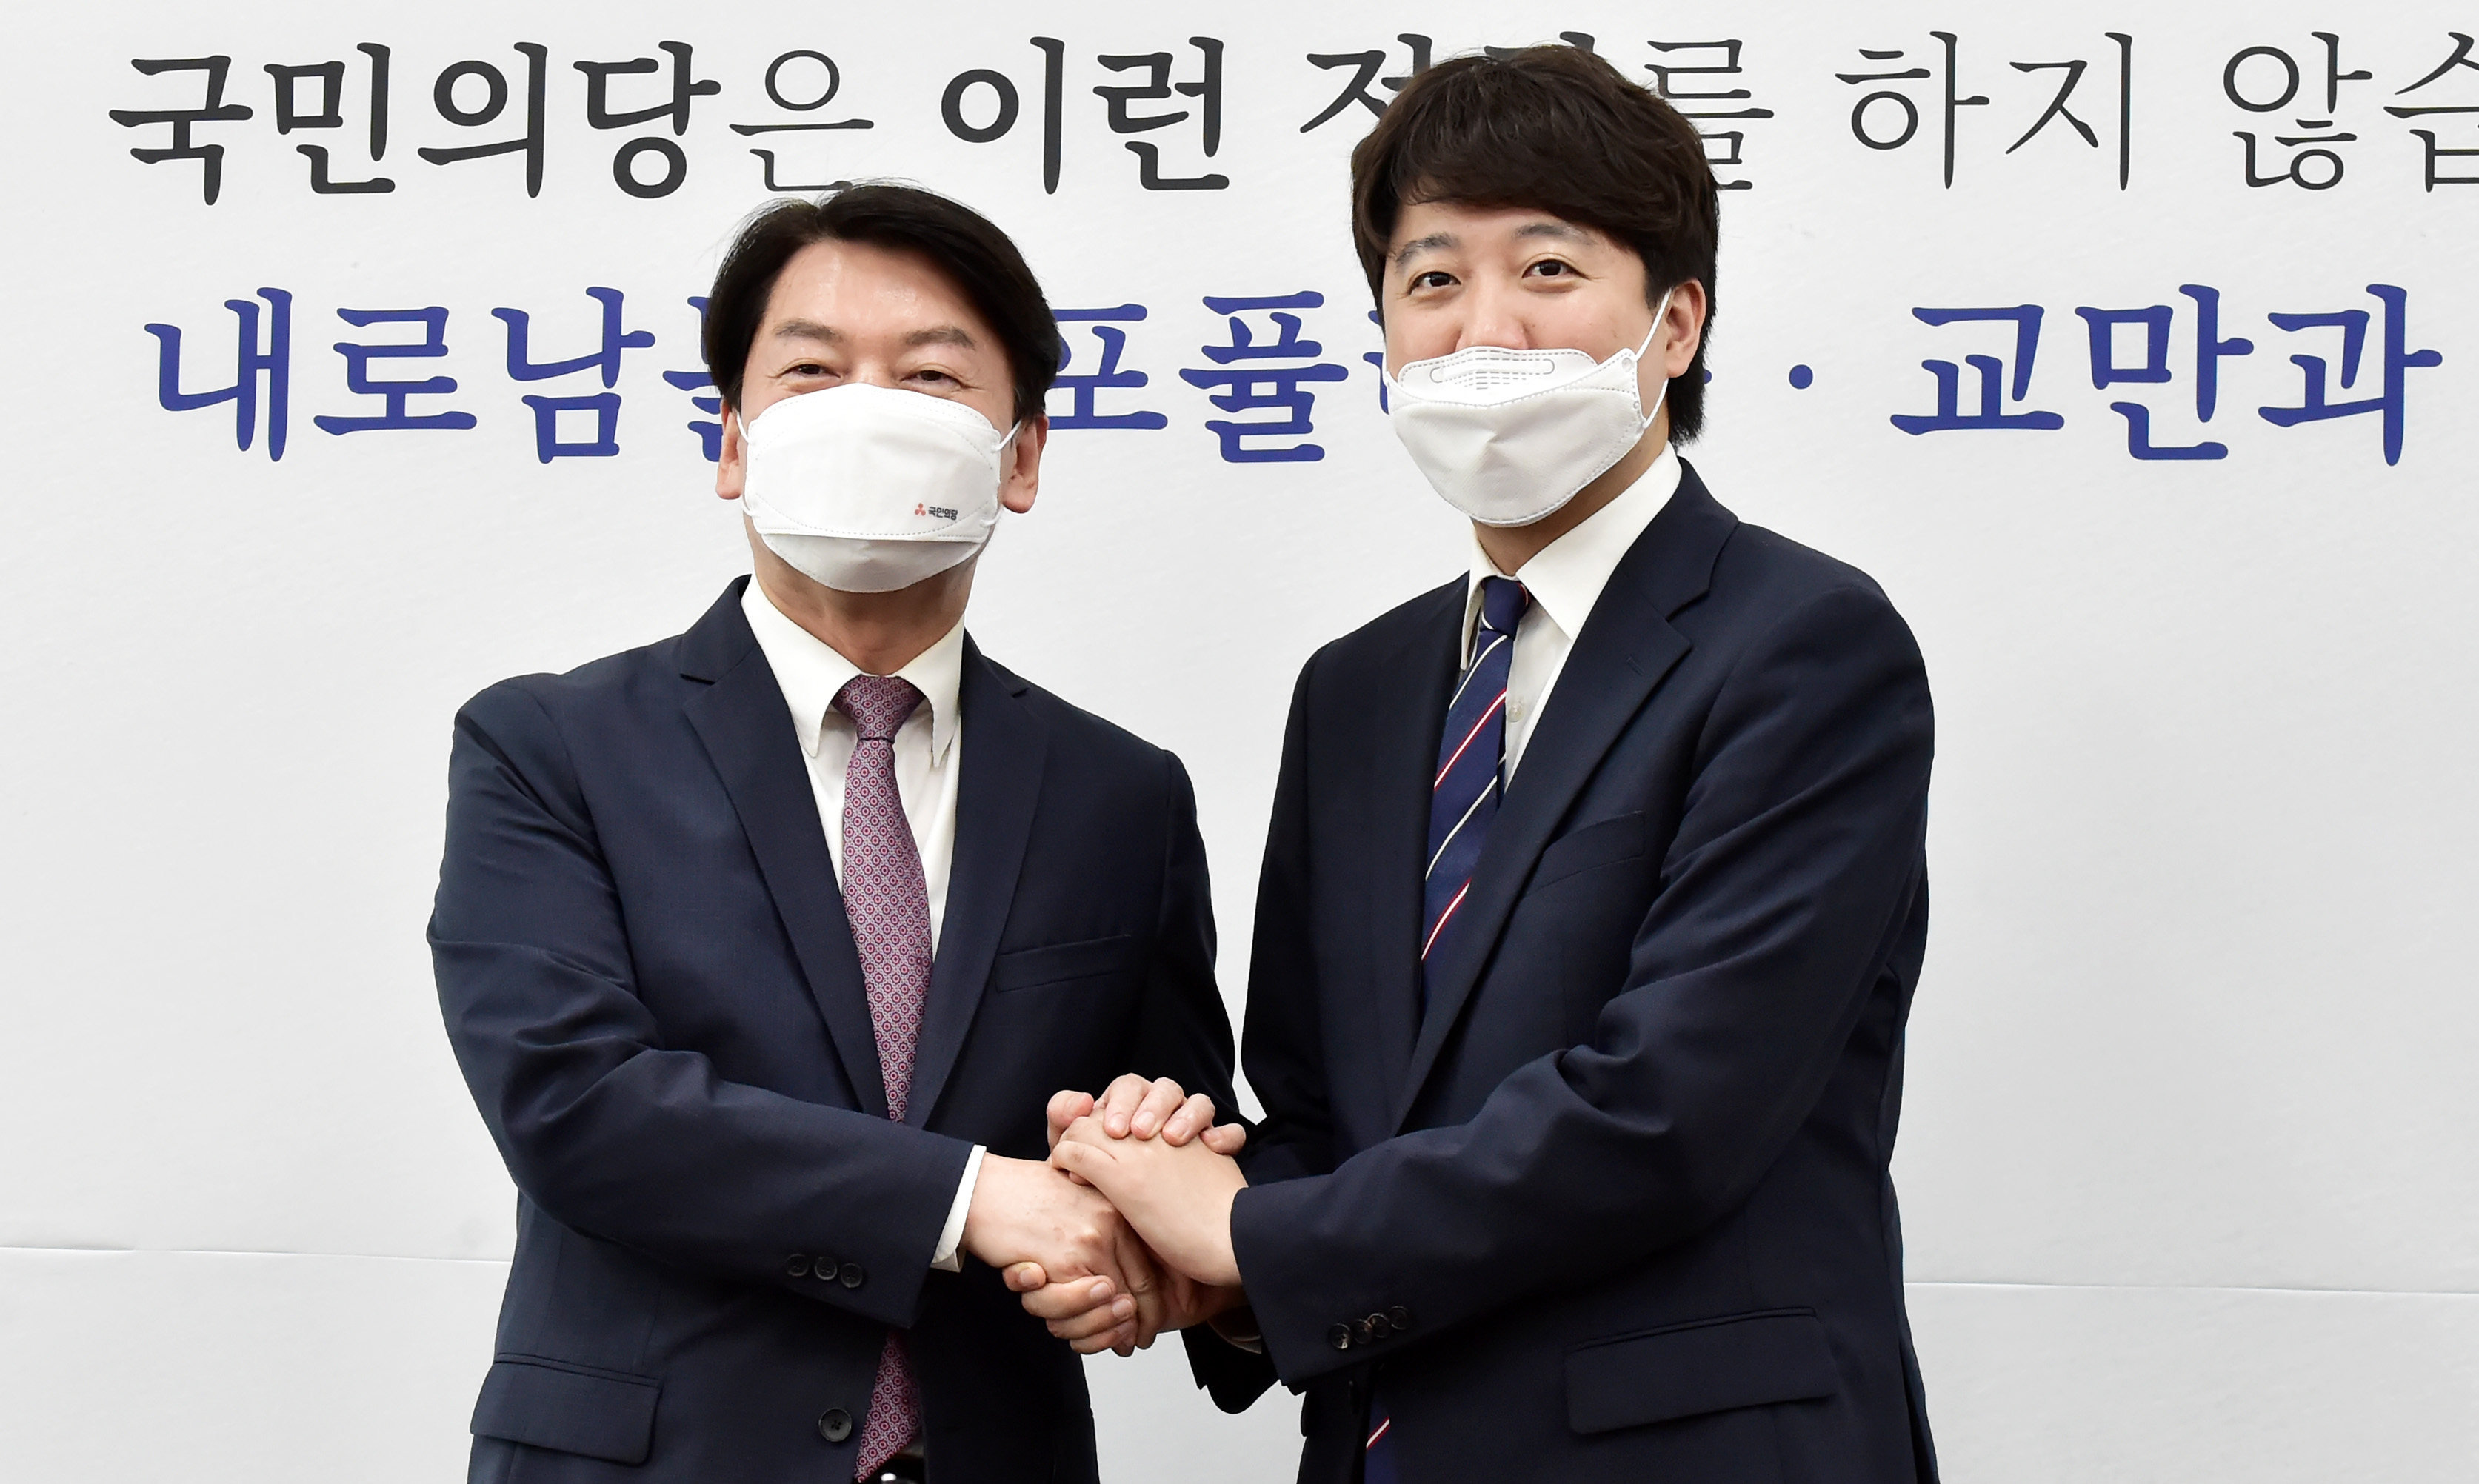 이준석·안철수 첫 상견례…국민의힘·국민의당 '합당' 가속화